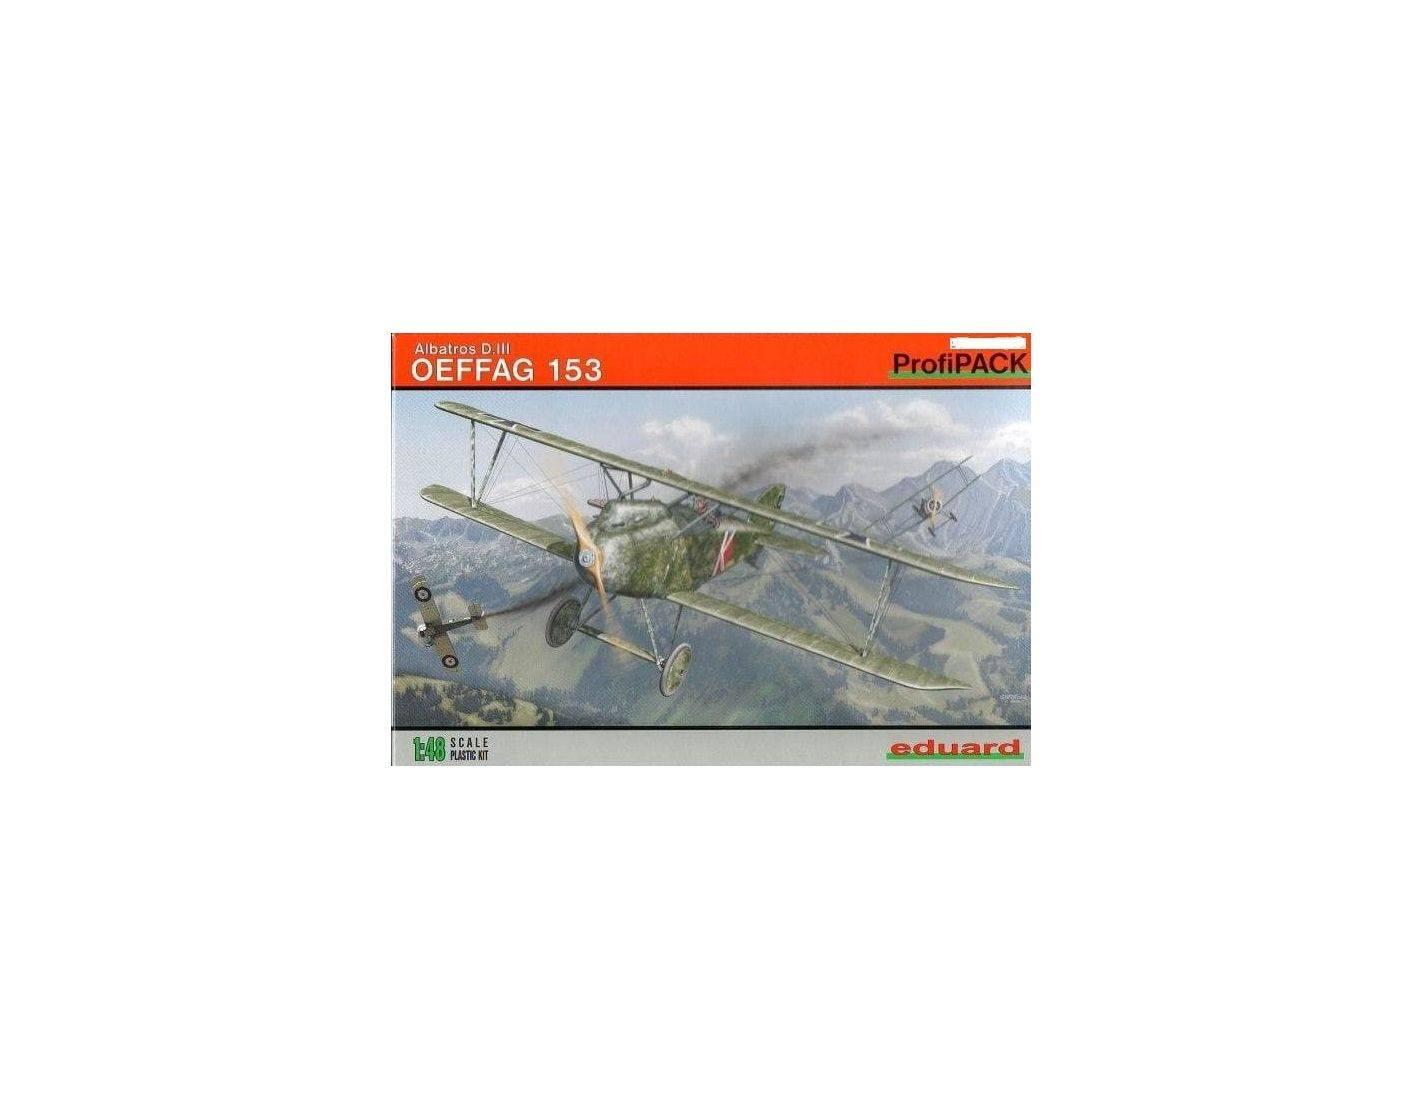 EDUARD 8241 ALBATROS D. III OEFFAG 153 1:48 KIT Modellino